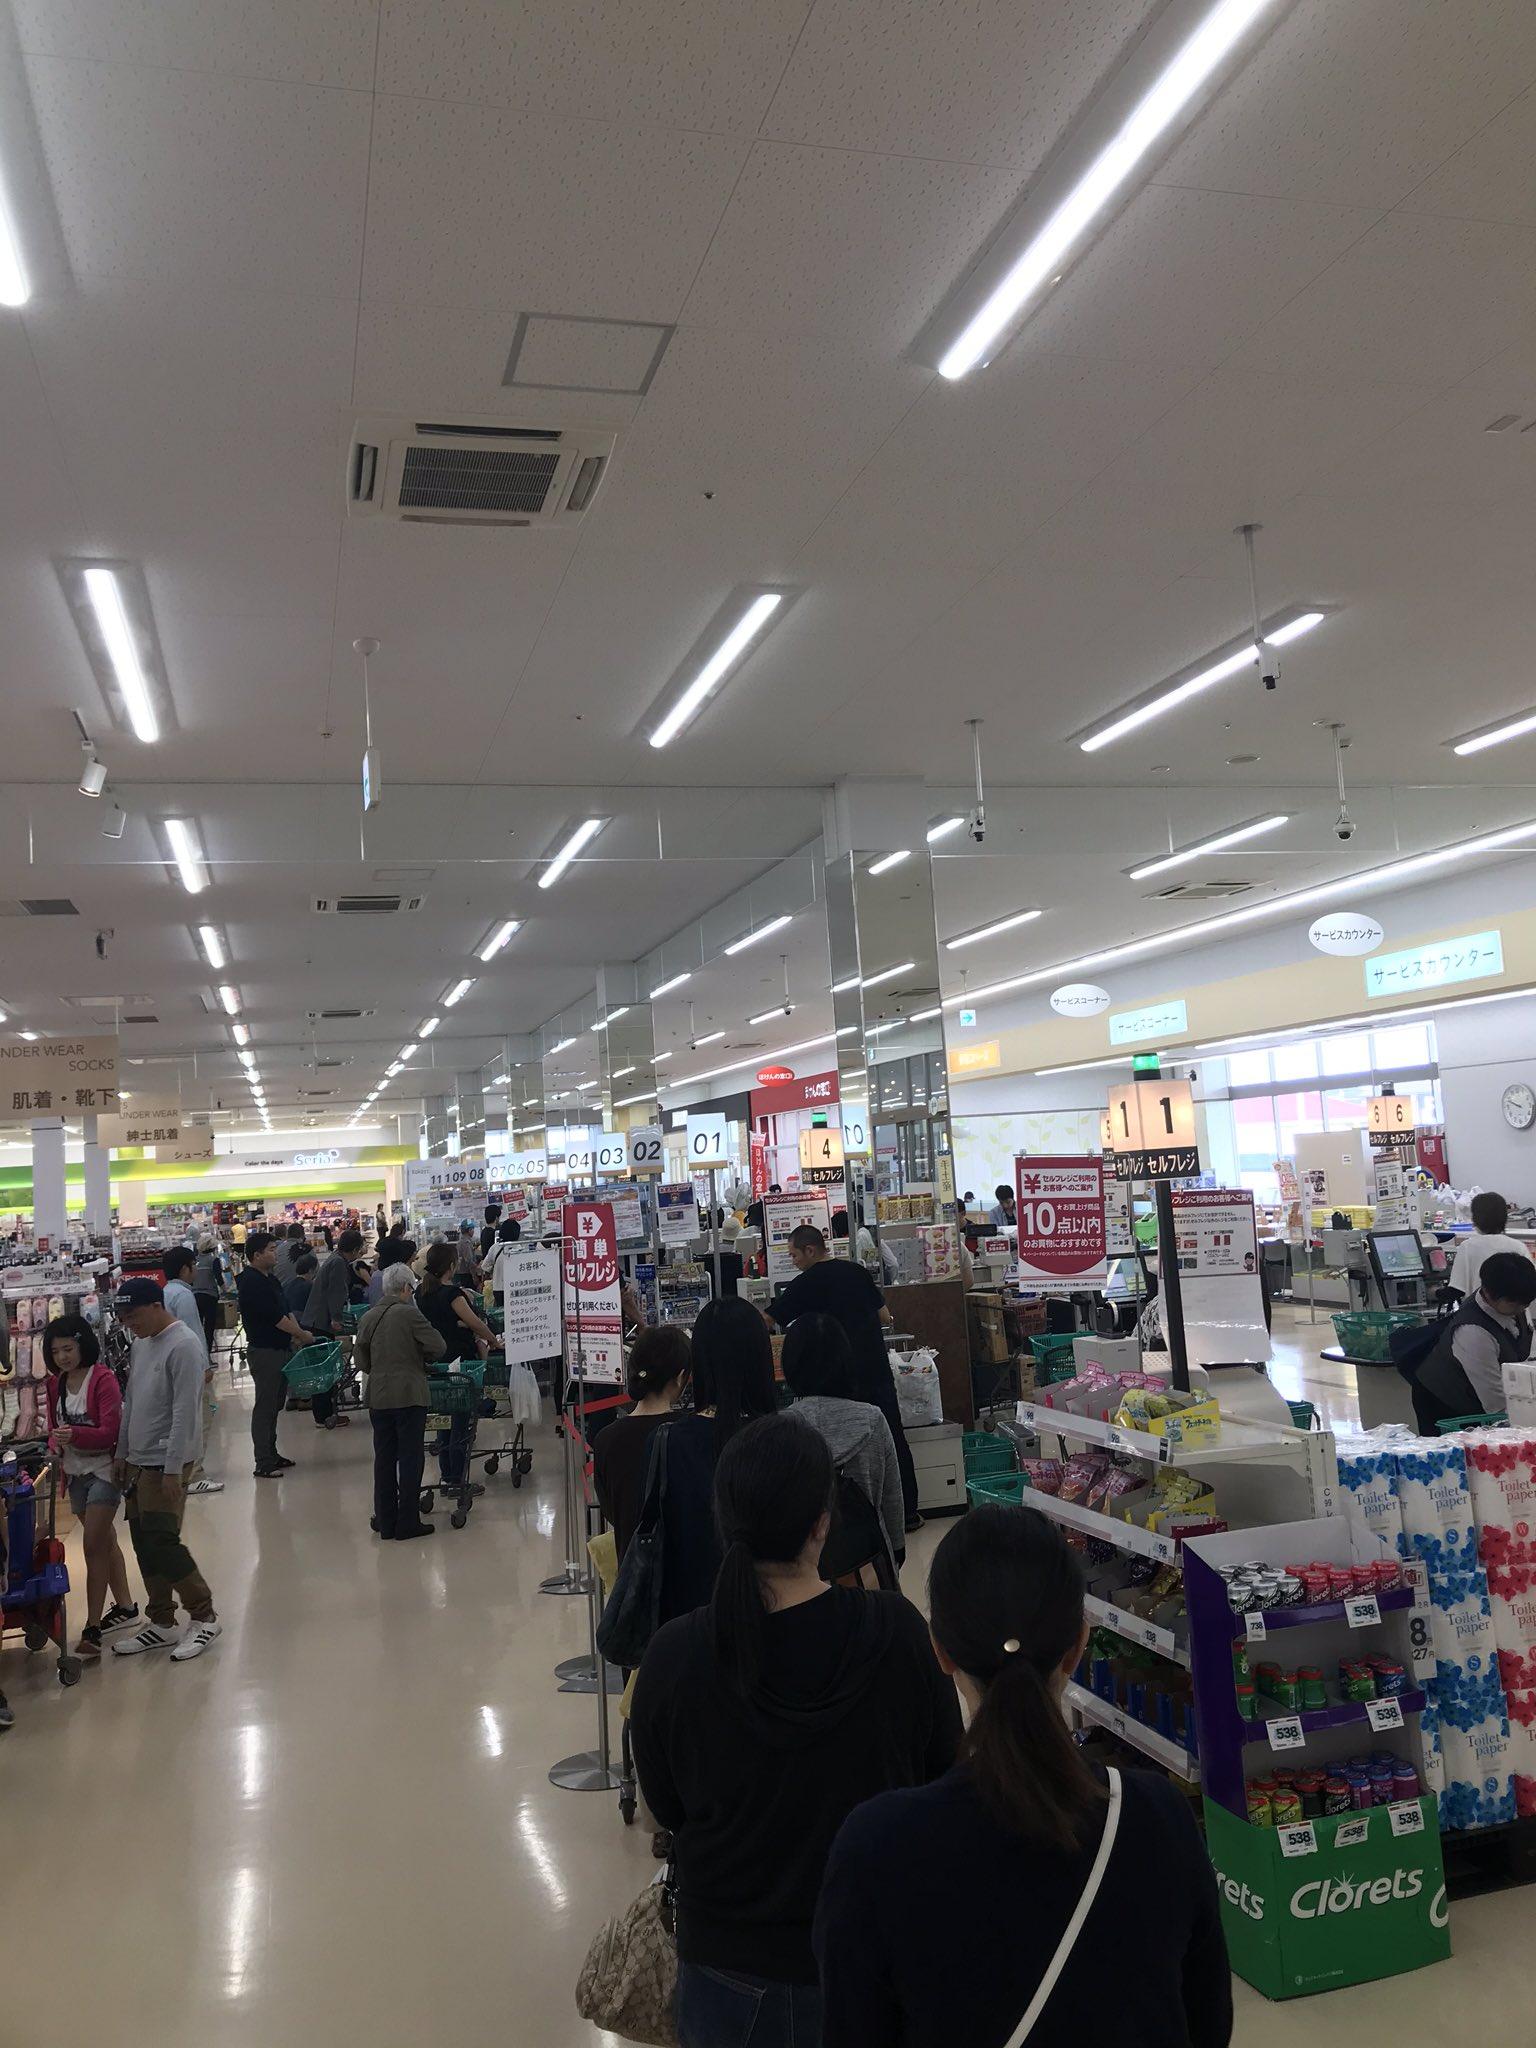 画像,千葉県は朝からスーパーのレジが大渋滞な感じです。 https://t.co/XrRVKlbhVx。